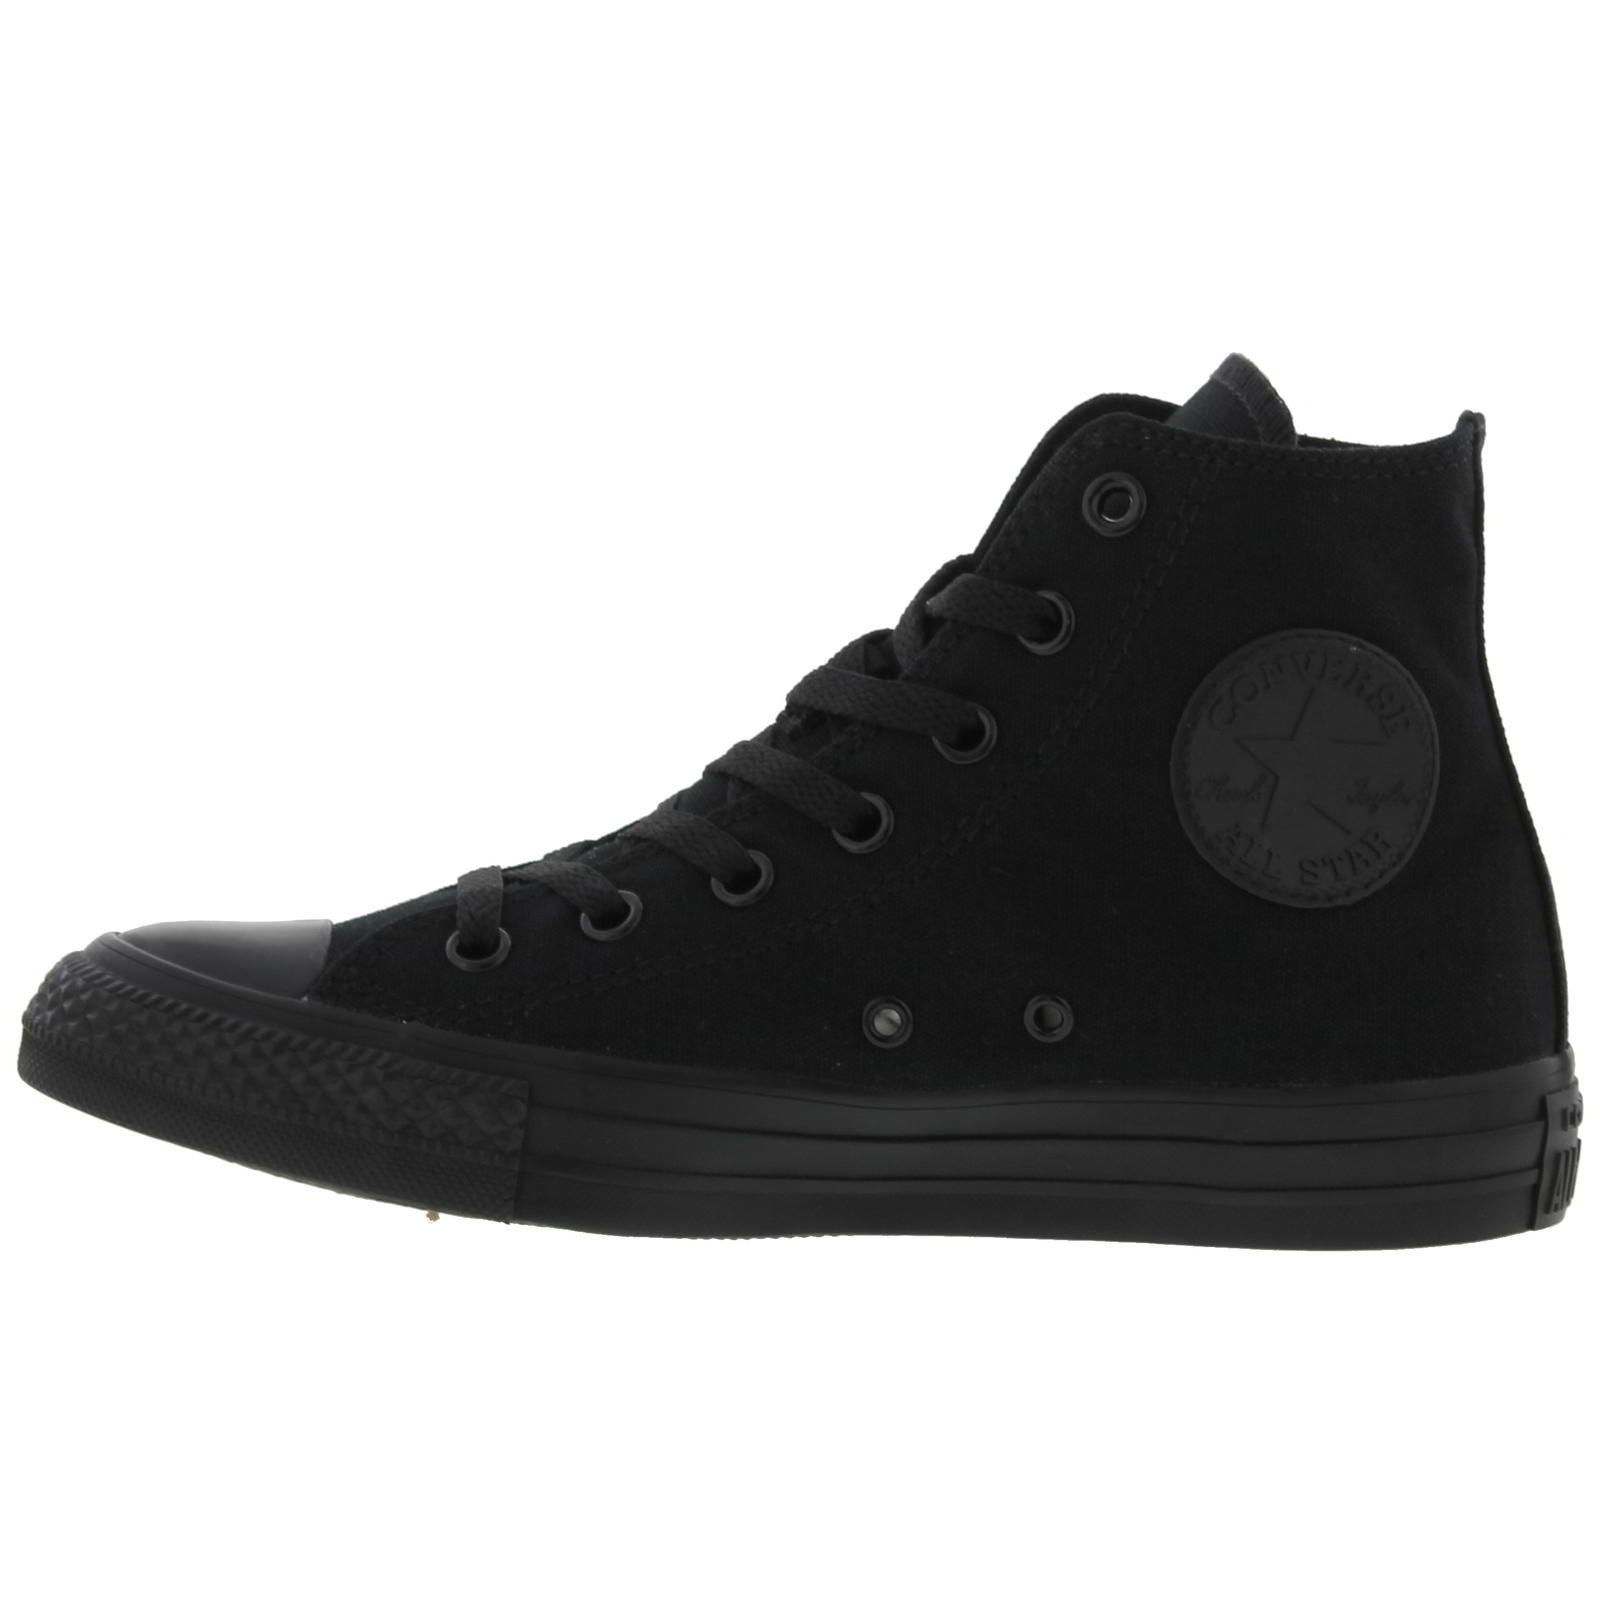 8cbe0ab0f Detalles de Converse All Star Hi Tops Chuck Taylor Para Hombre Mujer de las  Señoras Zapatillas Zapatos- ver título original